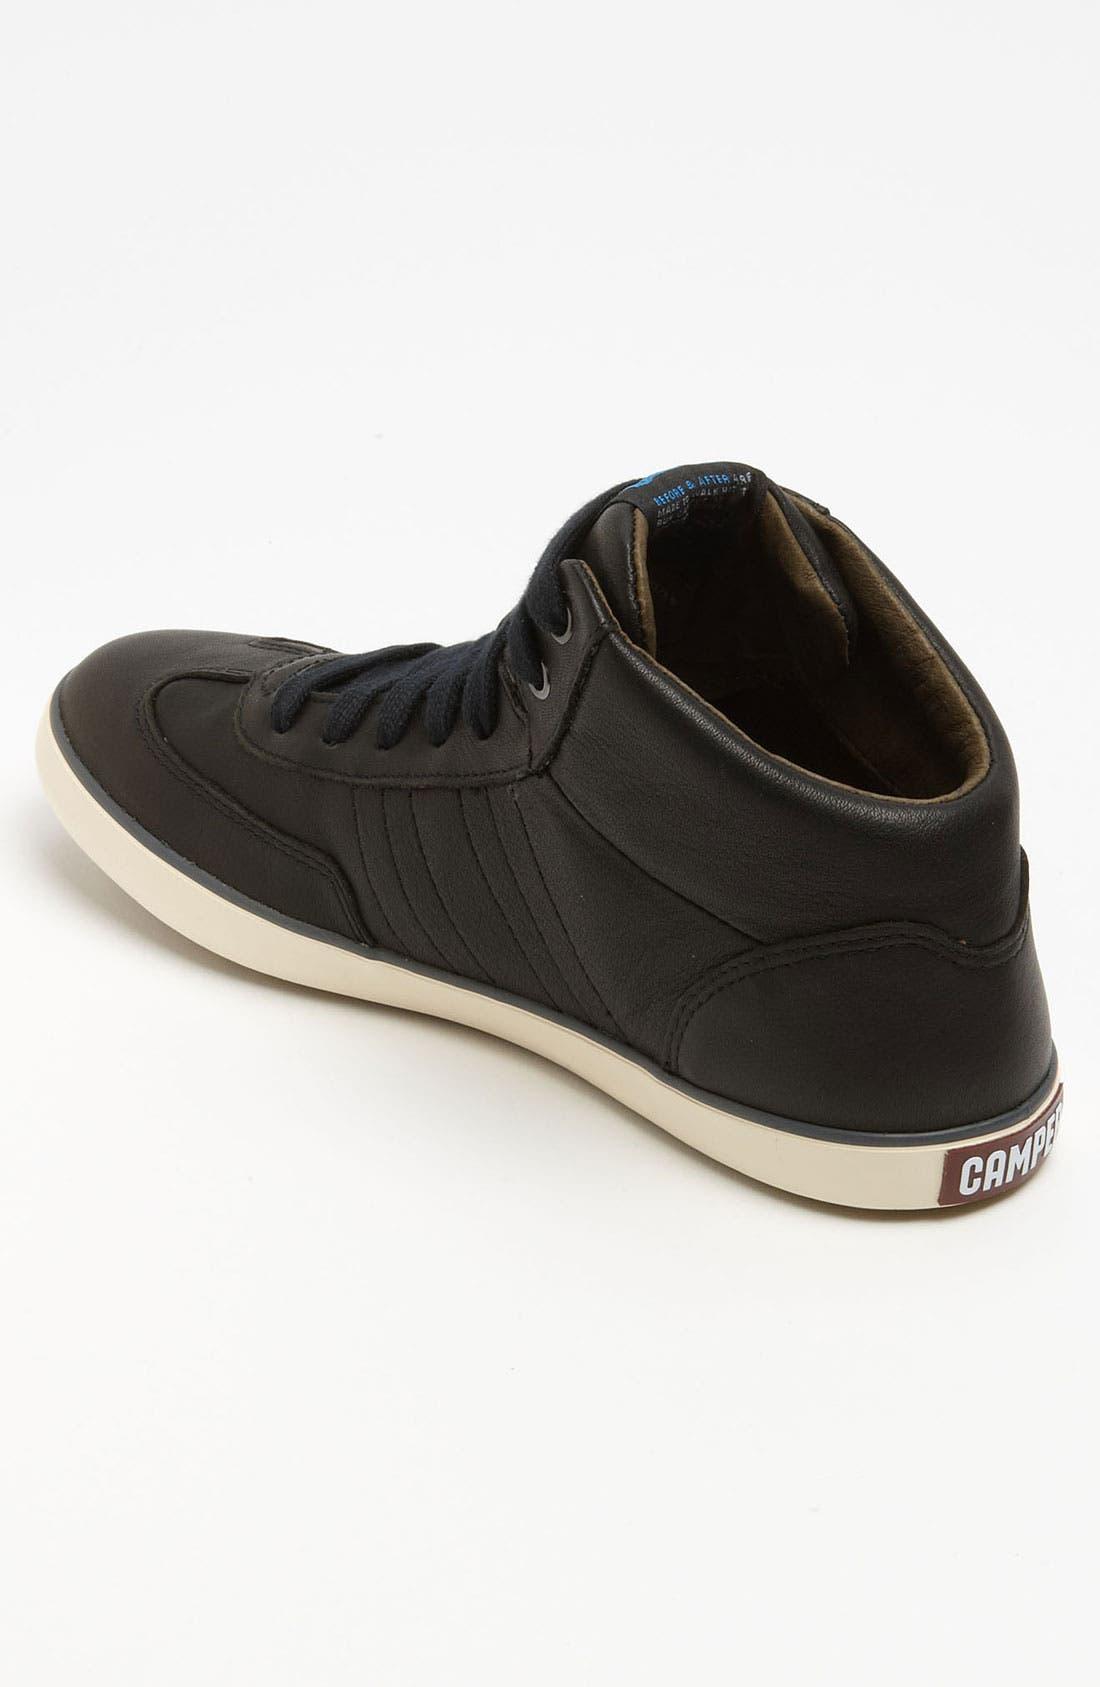 Alternate Image 2  - Camper 'Persil' Sneaker (Online Only)